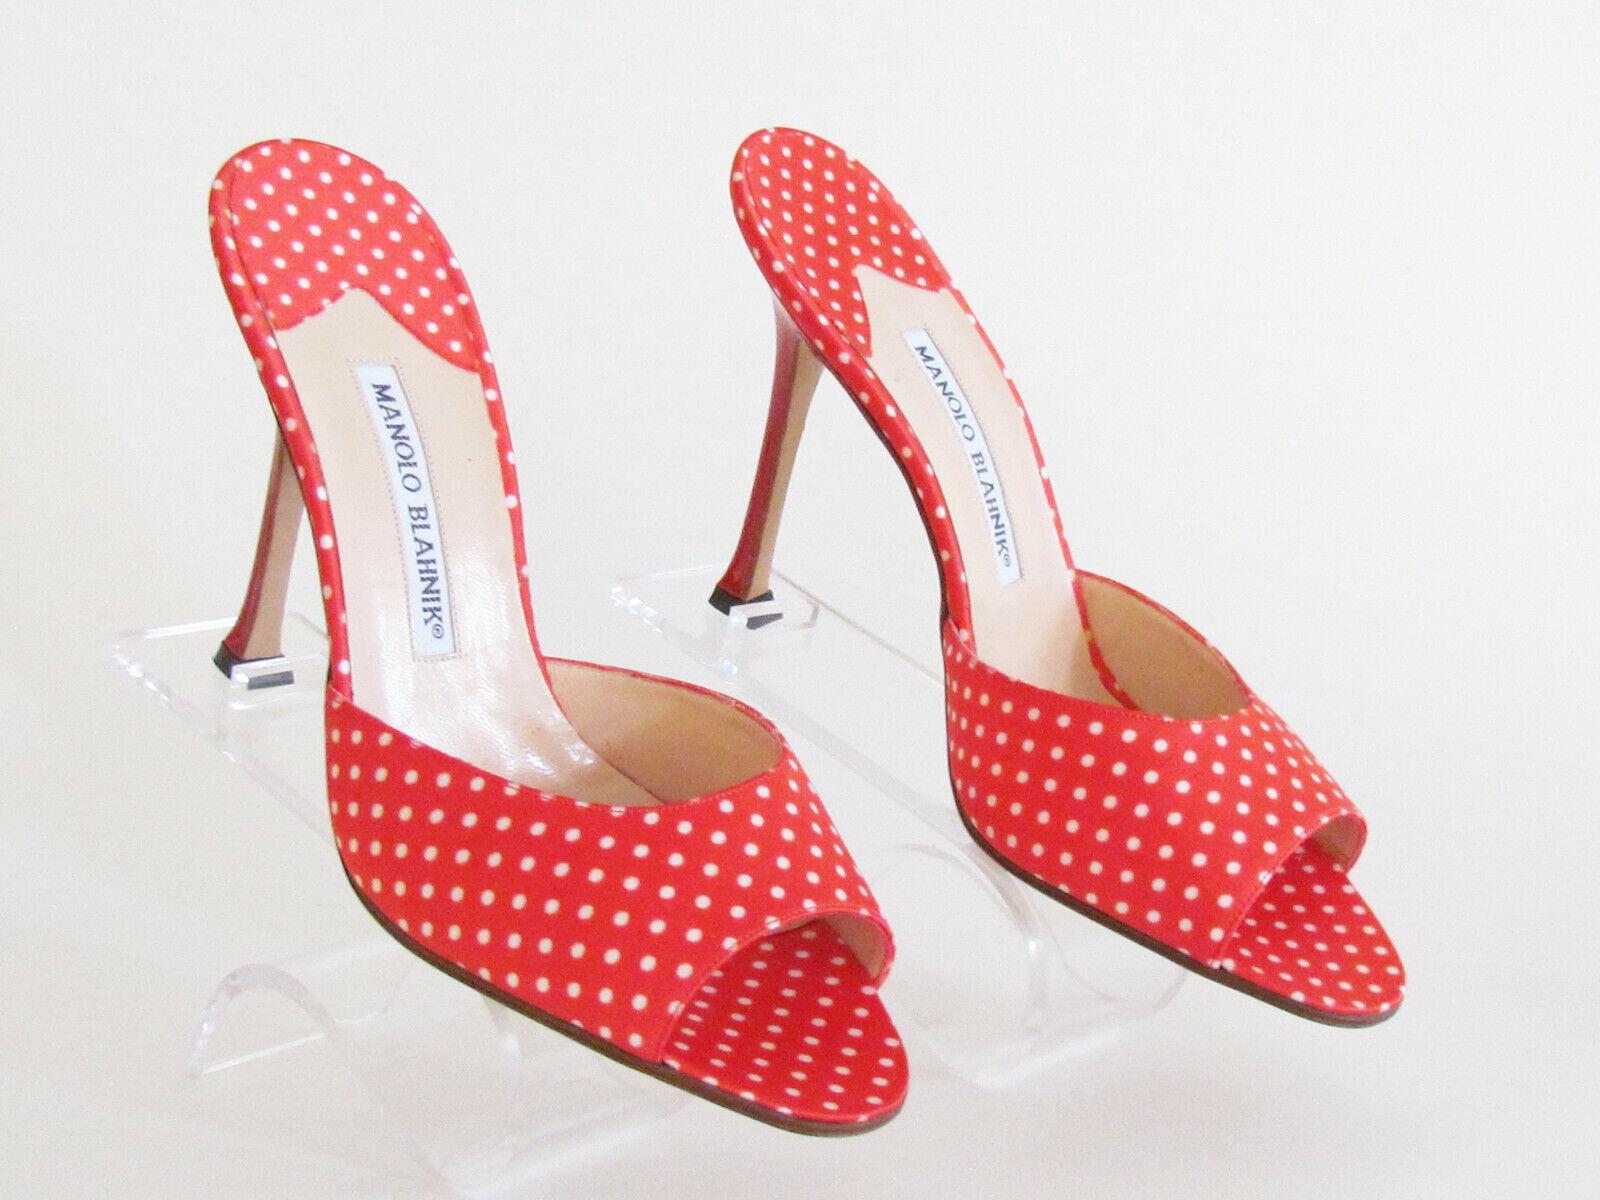 Damen Sandalen Schuhe Designer Manolo Blahnik Rot Weiß Gepunktet Pantoletten 8.5